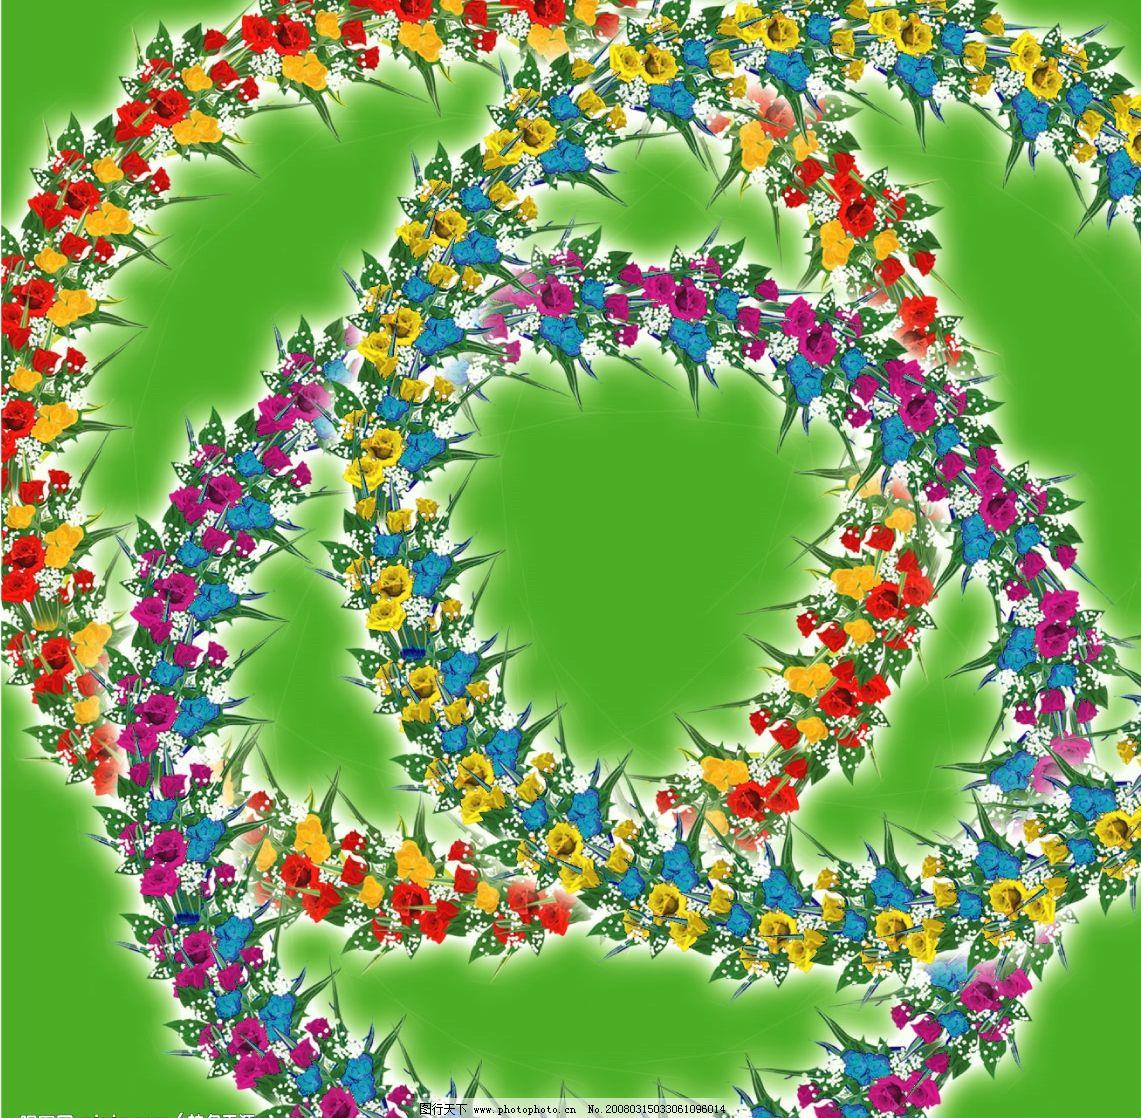 设计图库 高清素材 自然风景    上传: 2008-3-15 大小: 12.